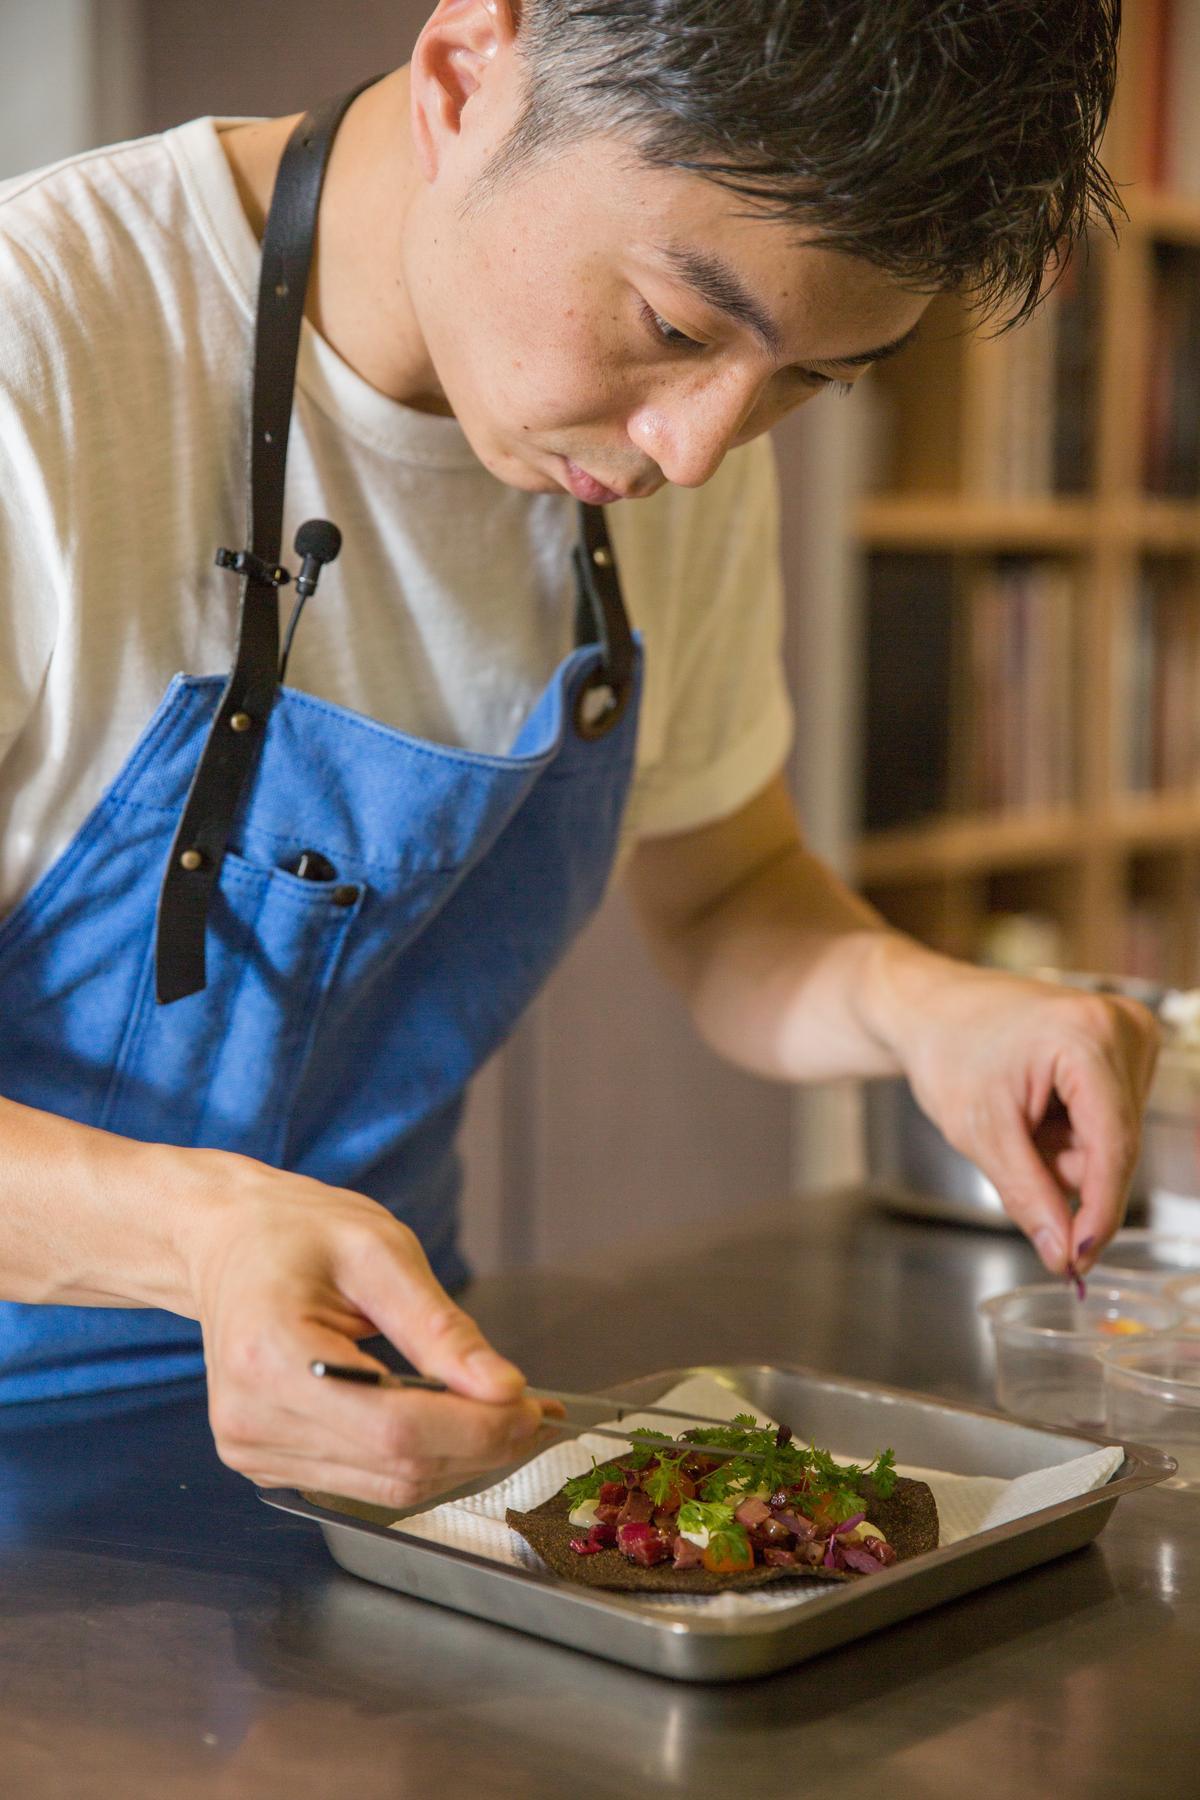 經過縝密思考和嚴謹步驟,林泉是有意識性地在呈現花卉料理。